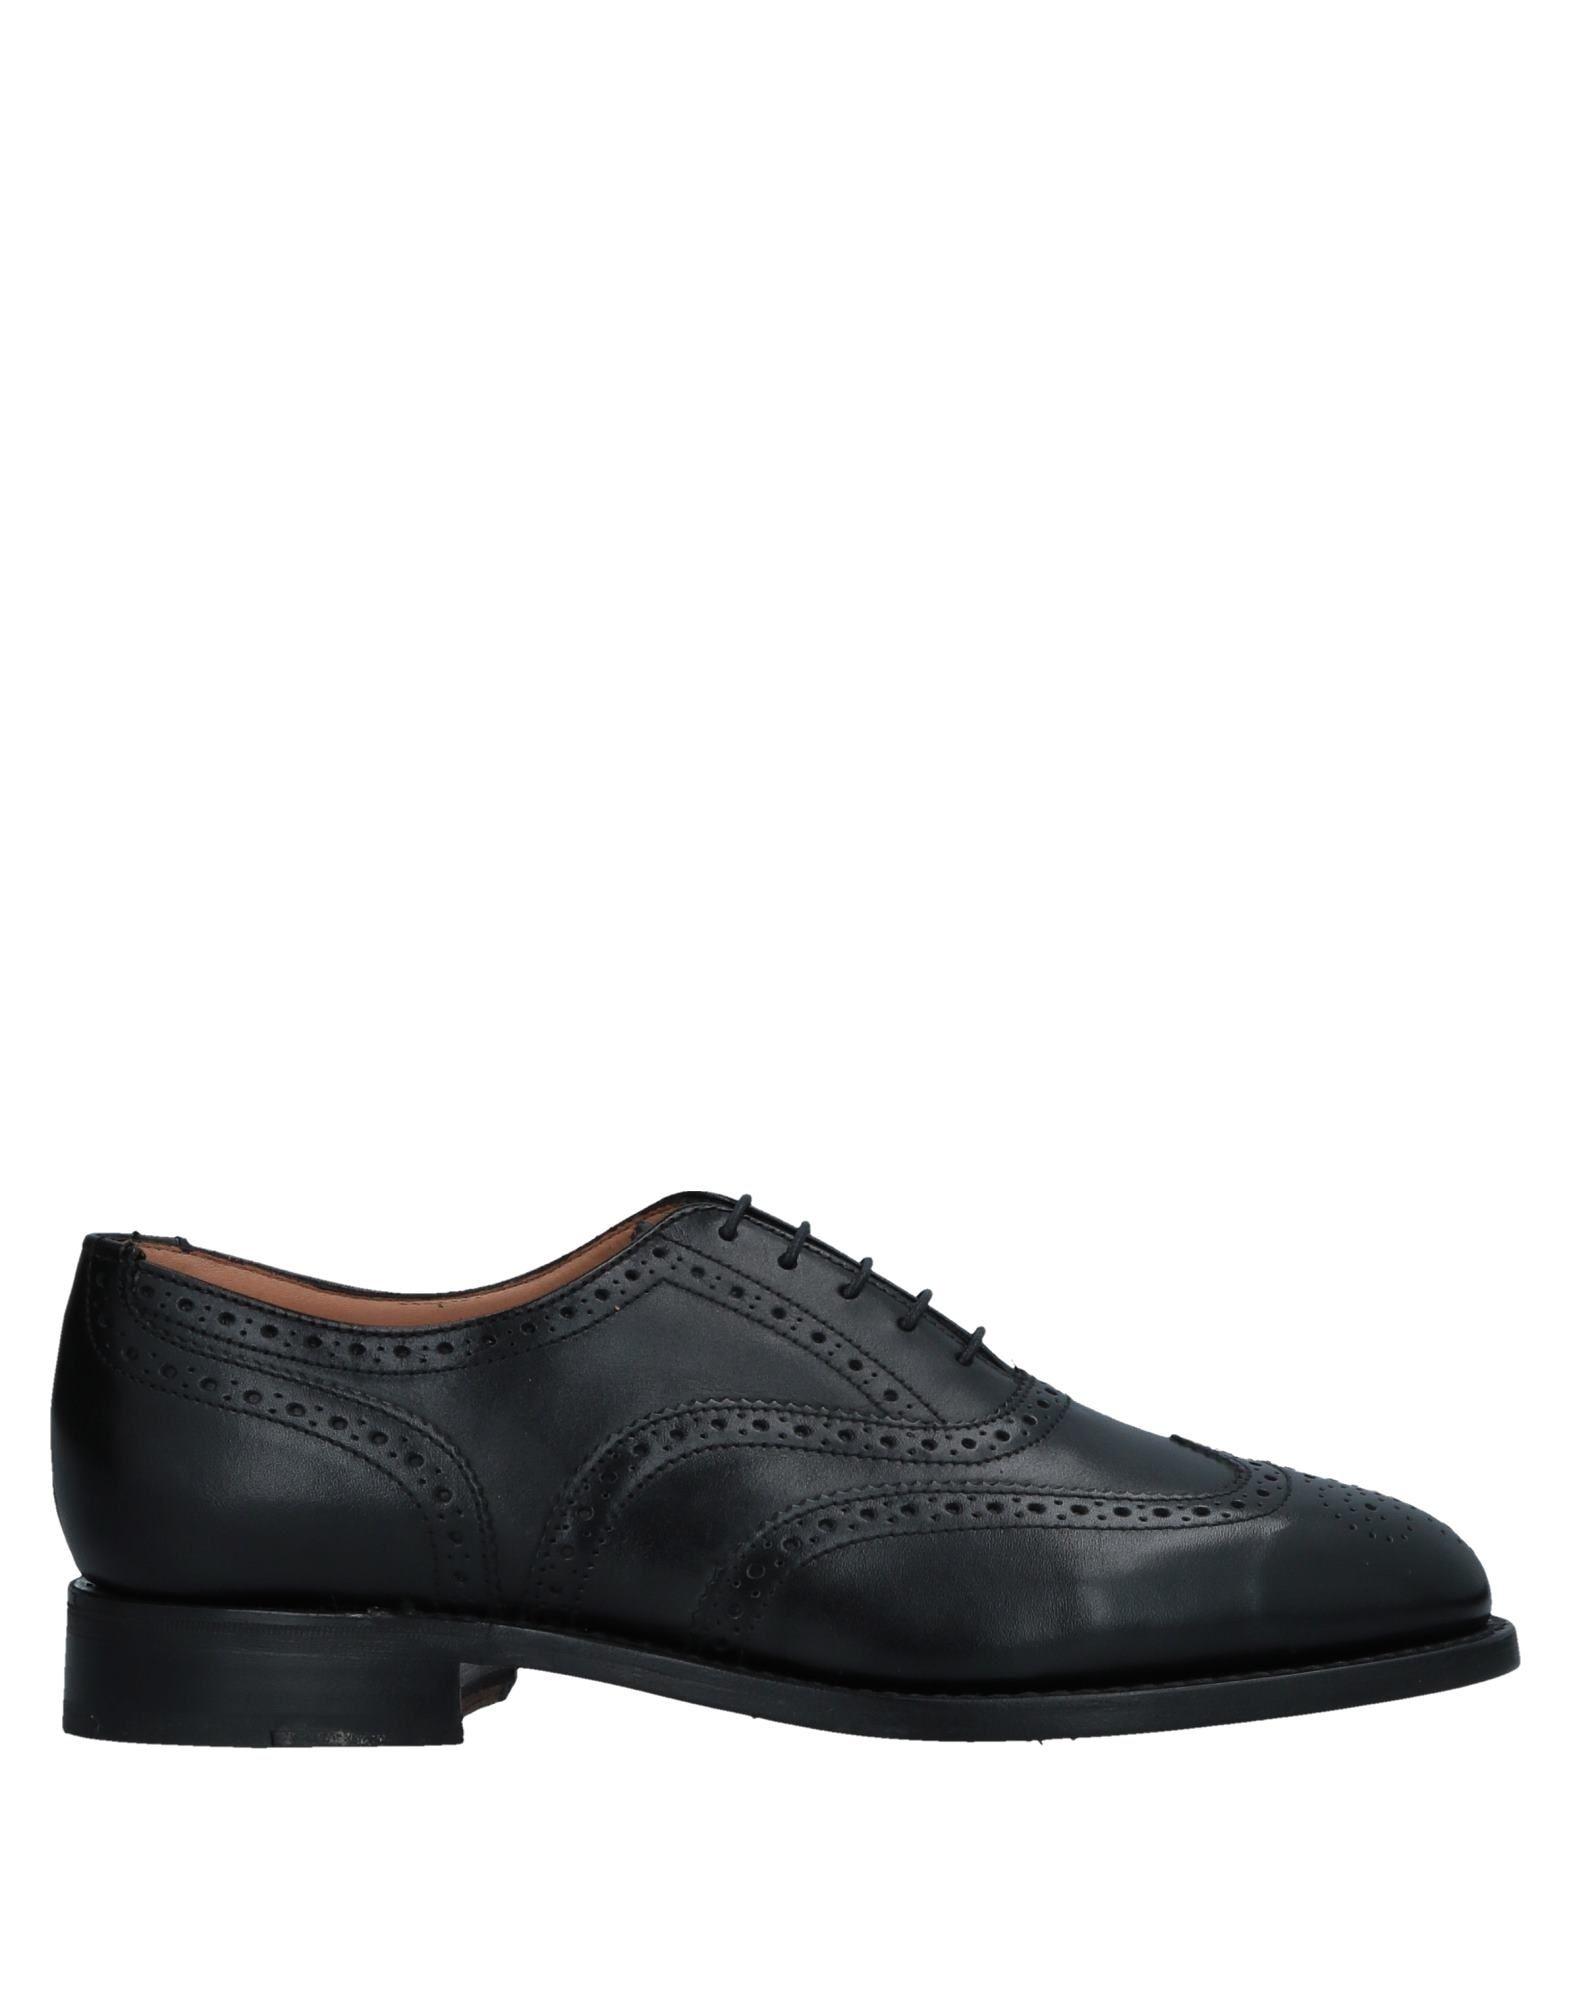 Sander's Schnürschuhe Herren  11524918BO Gute Qualität beliebte Schuhe